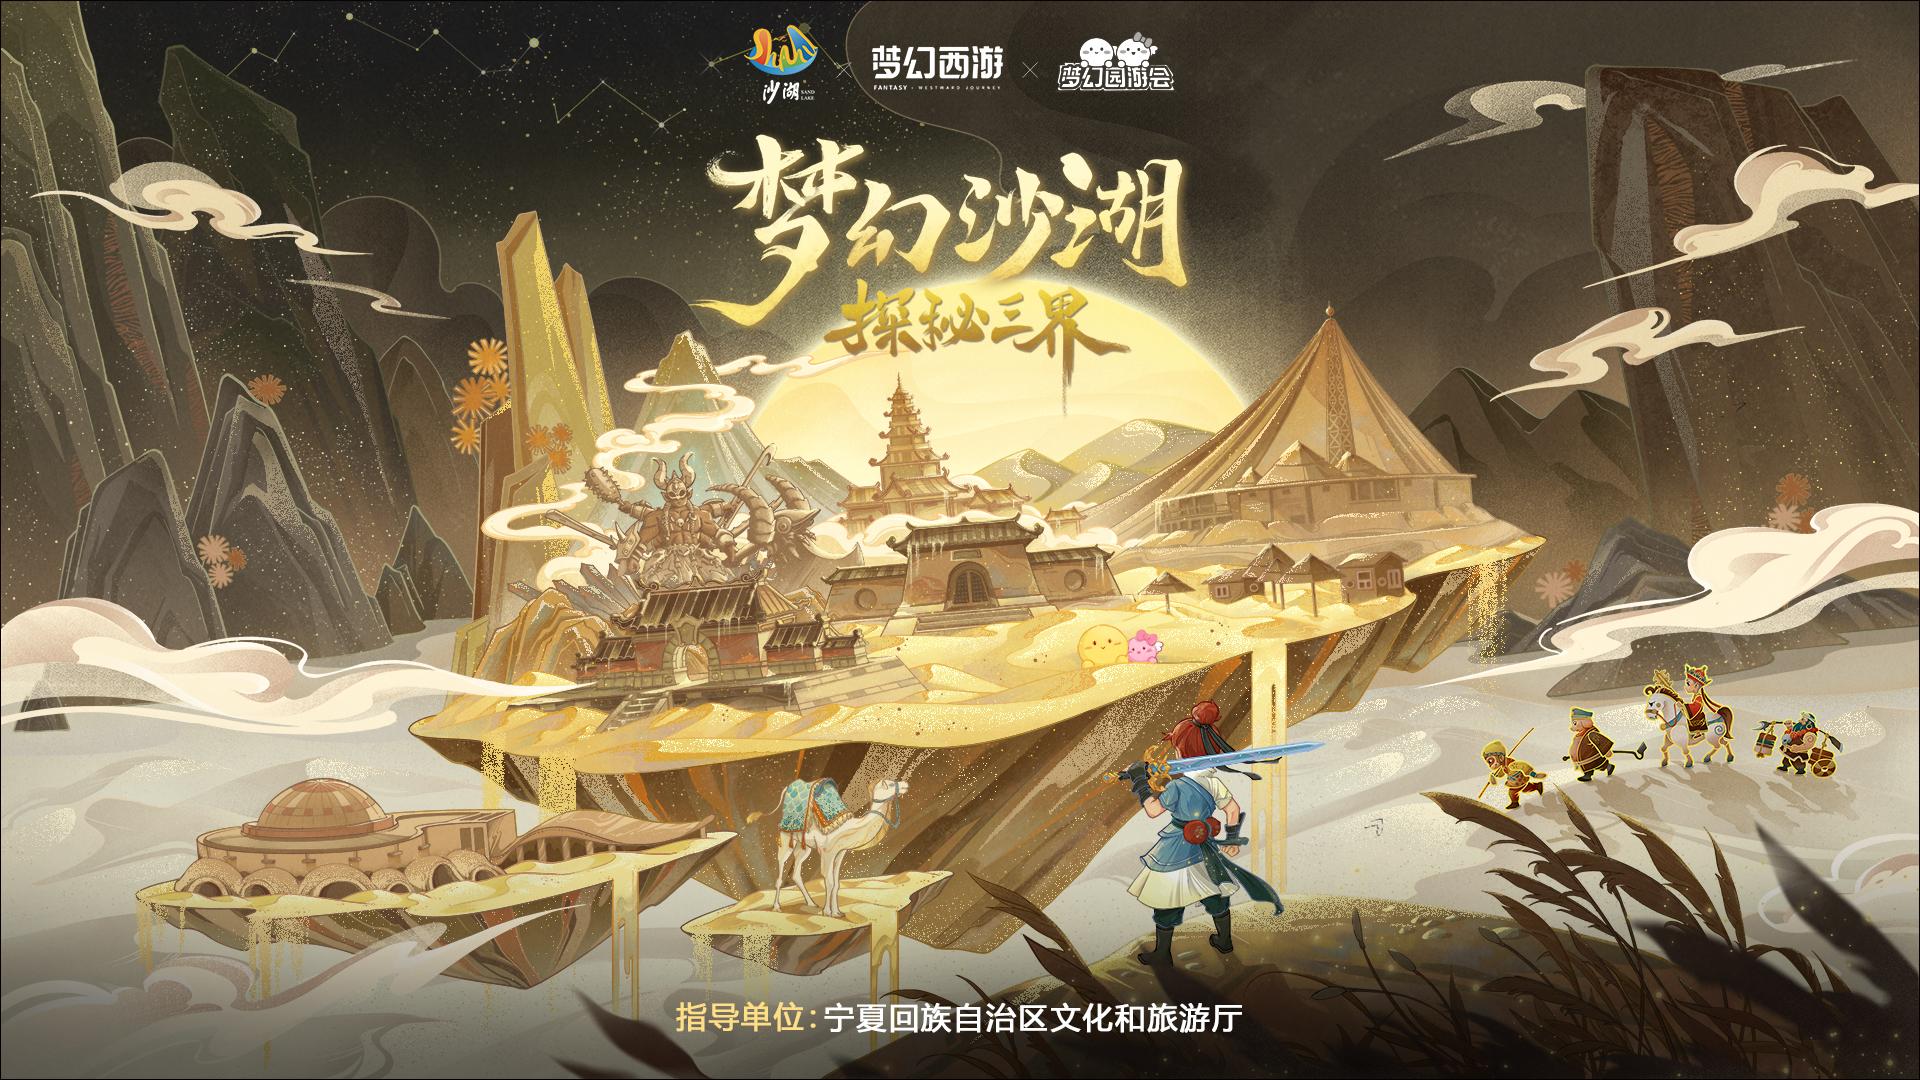 中国首个游戏主题沙雕群7月24日开园 梦幻西游真会玩!